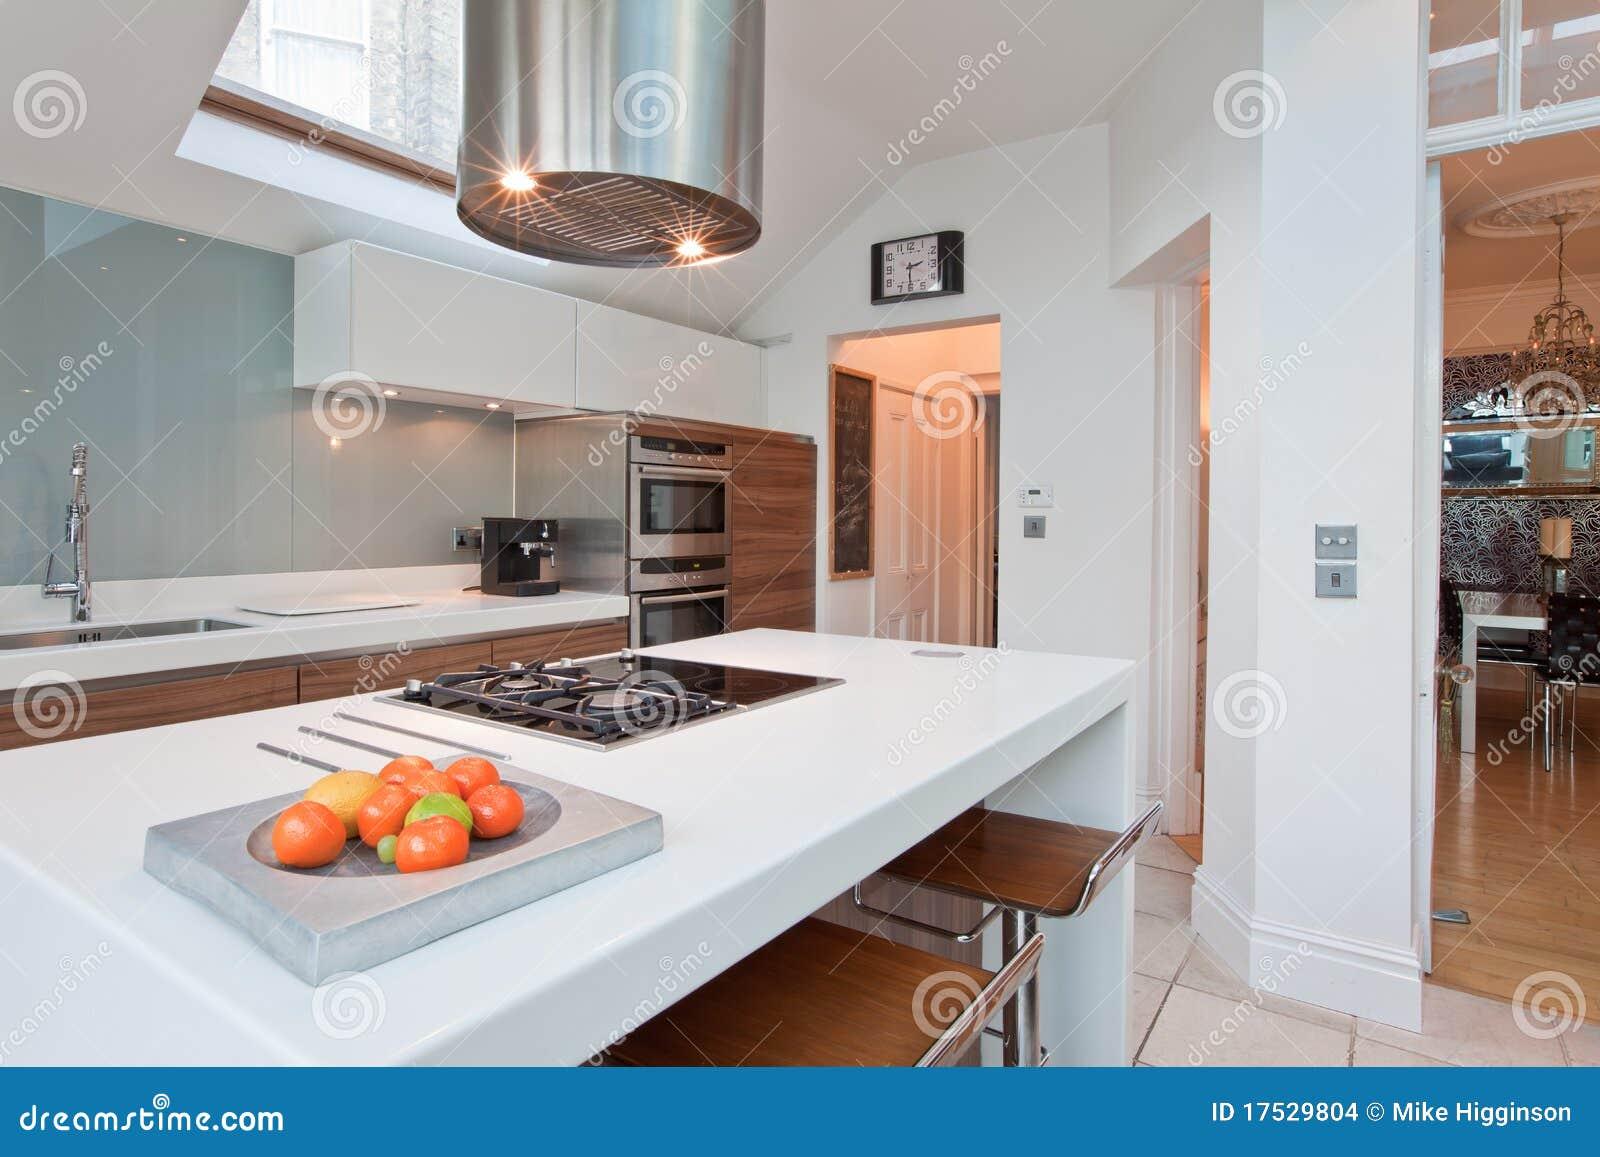 Chique Moderno Cozinha Cabida Foto De Stock Imagem De Arm Rios